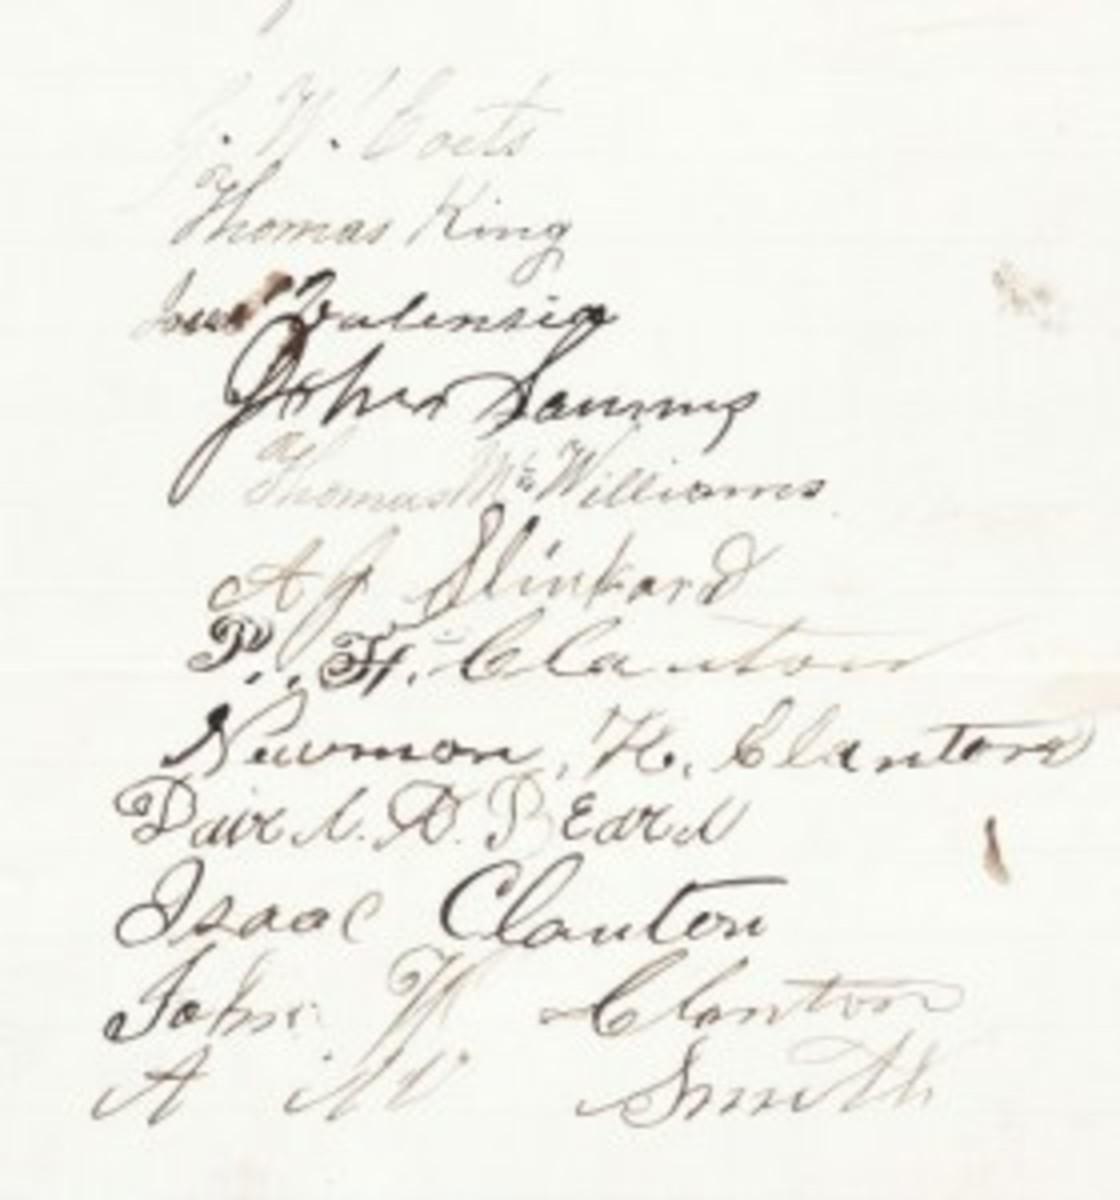 Clanton Clan signatures